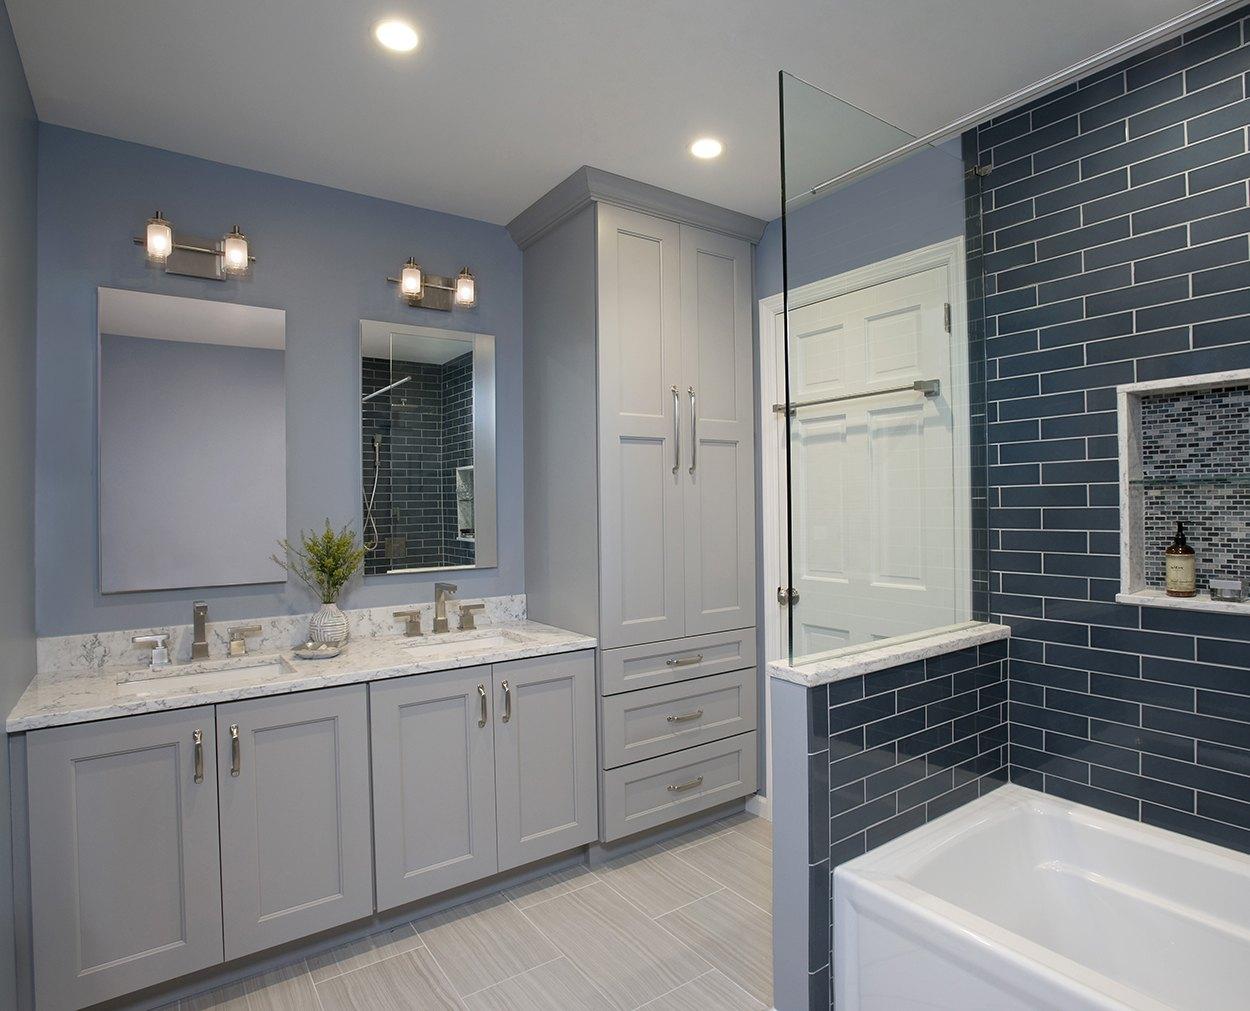 Wellborn Dove Vanities in this Ridgefield bathroom renovation